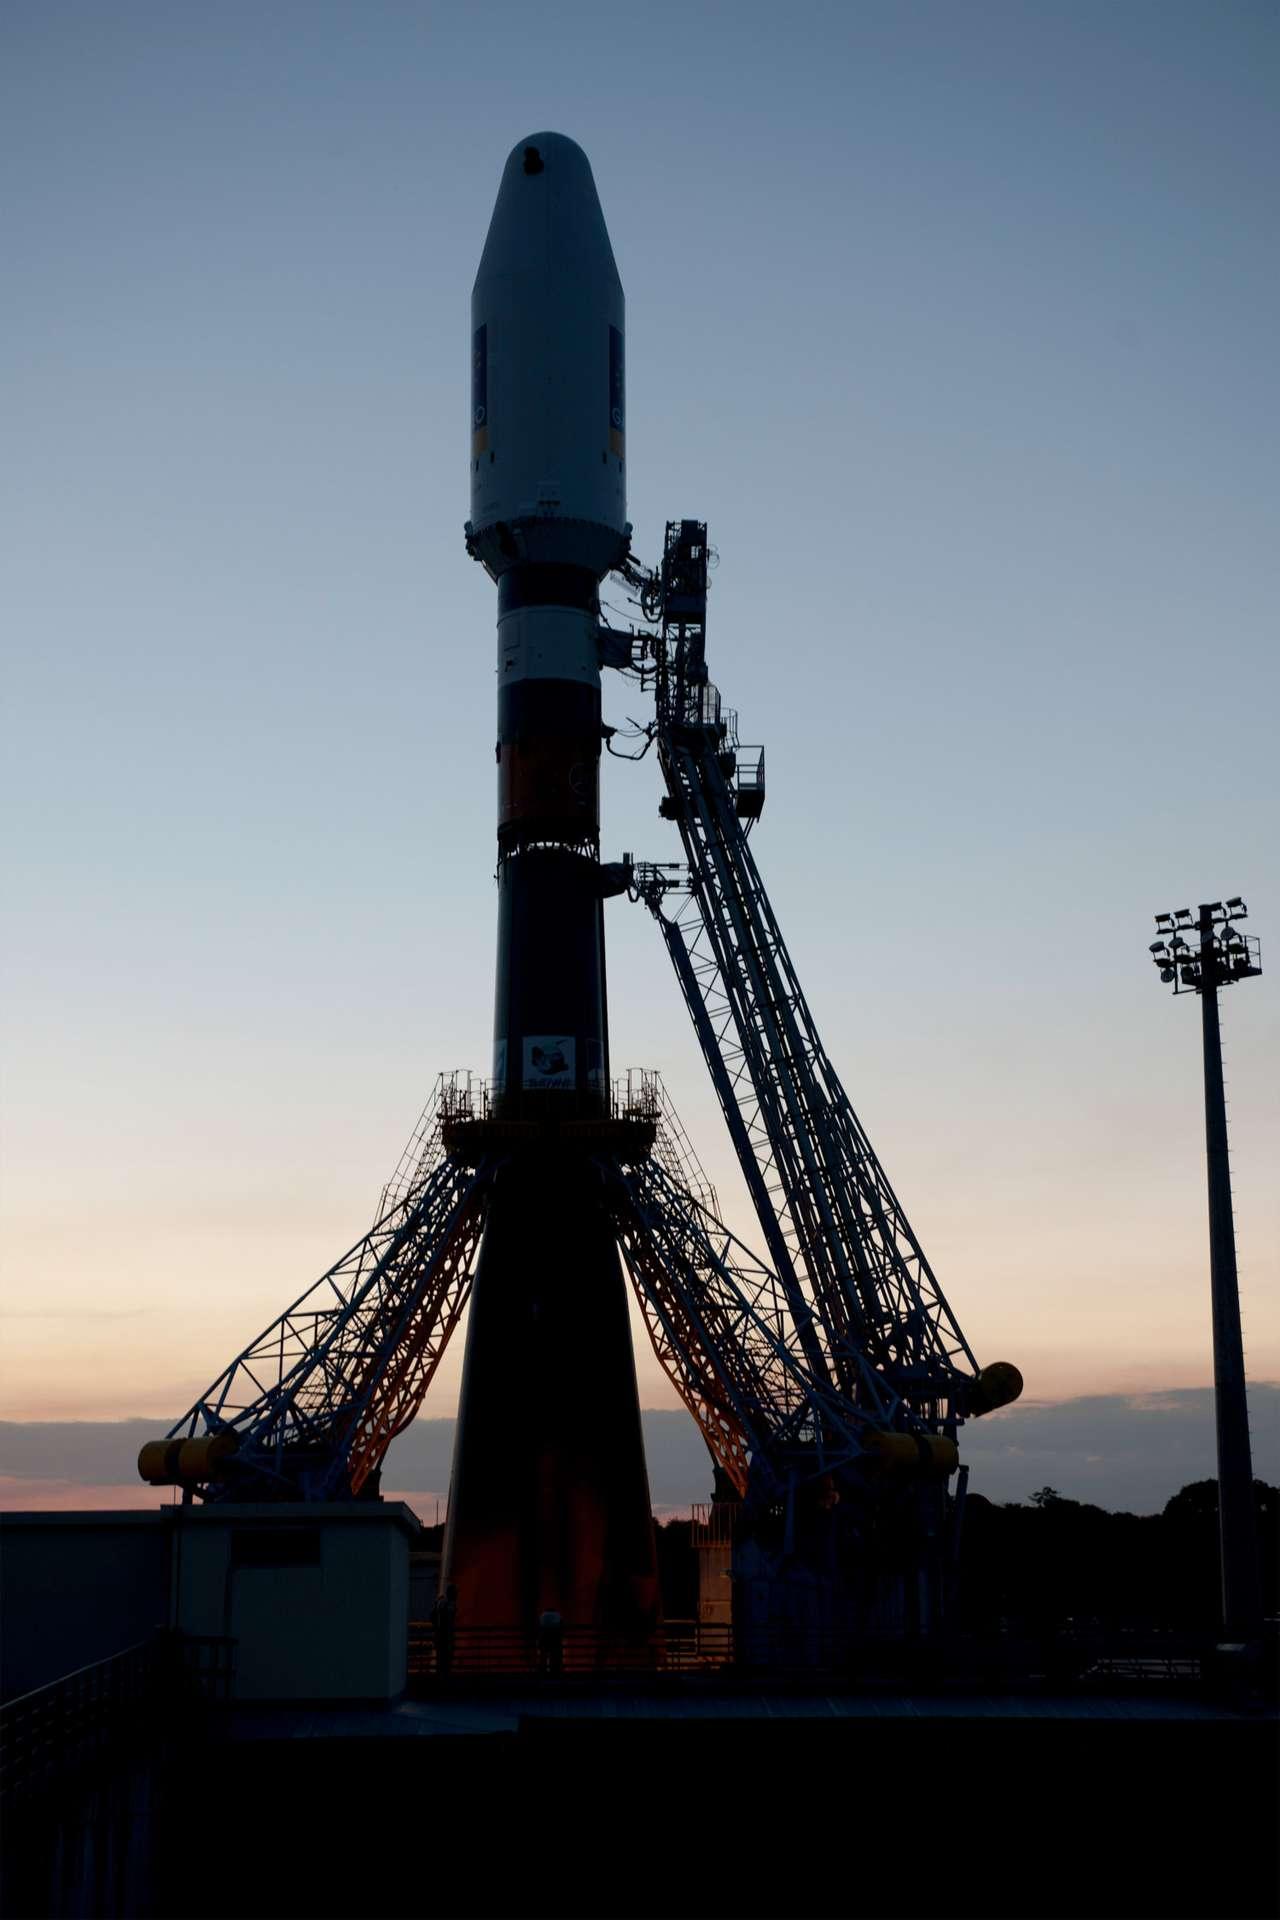 Alors que les satellites Galileo sont en route vers leur position finale, à quelque 23.200 kilomètres d'altitude, le lanceur russe Soyouz se prépare à une nouvelle mission depuis la Guyane. Cette fois, la fusée devra mettre en orbite mais six satellites, dont Pléiades. © Esa/S. Corvaja